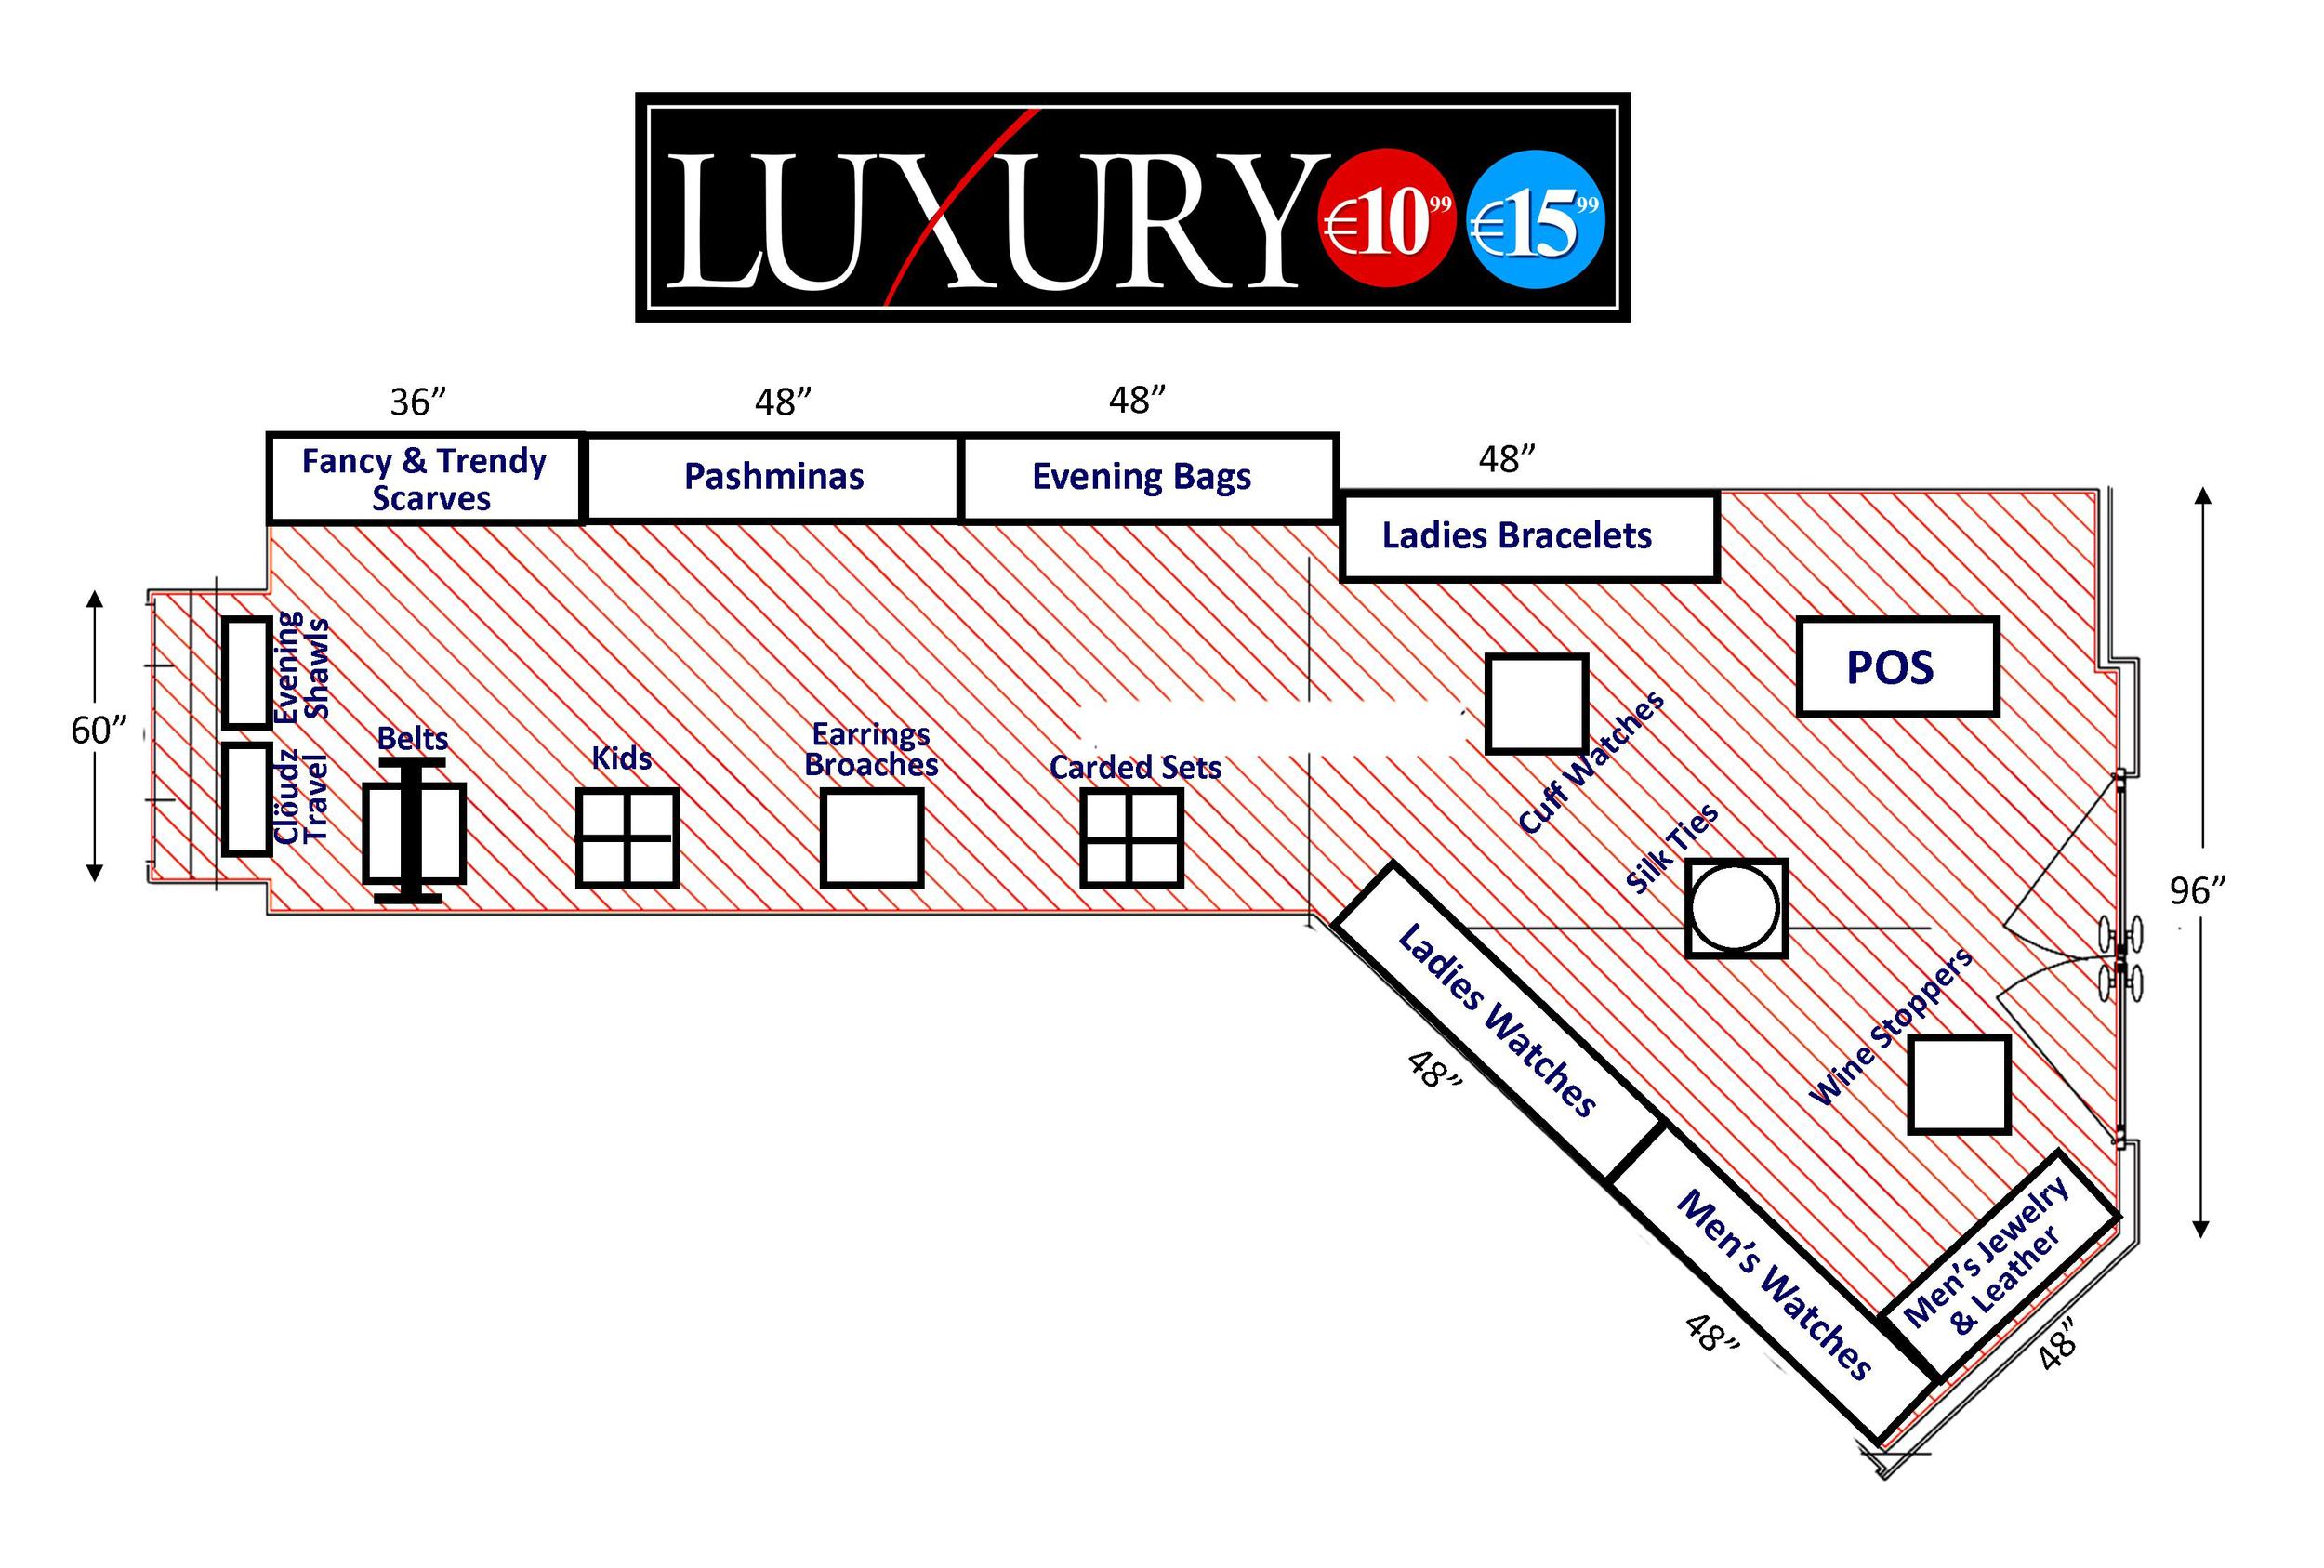 e_SNI_Boutique-Revised_6-3-10.jpg